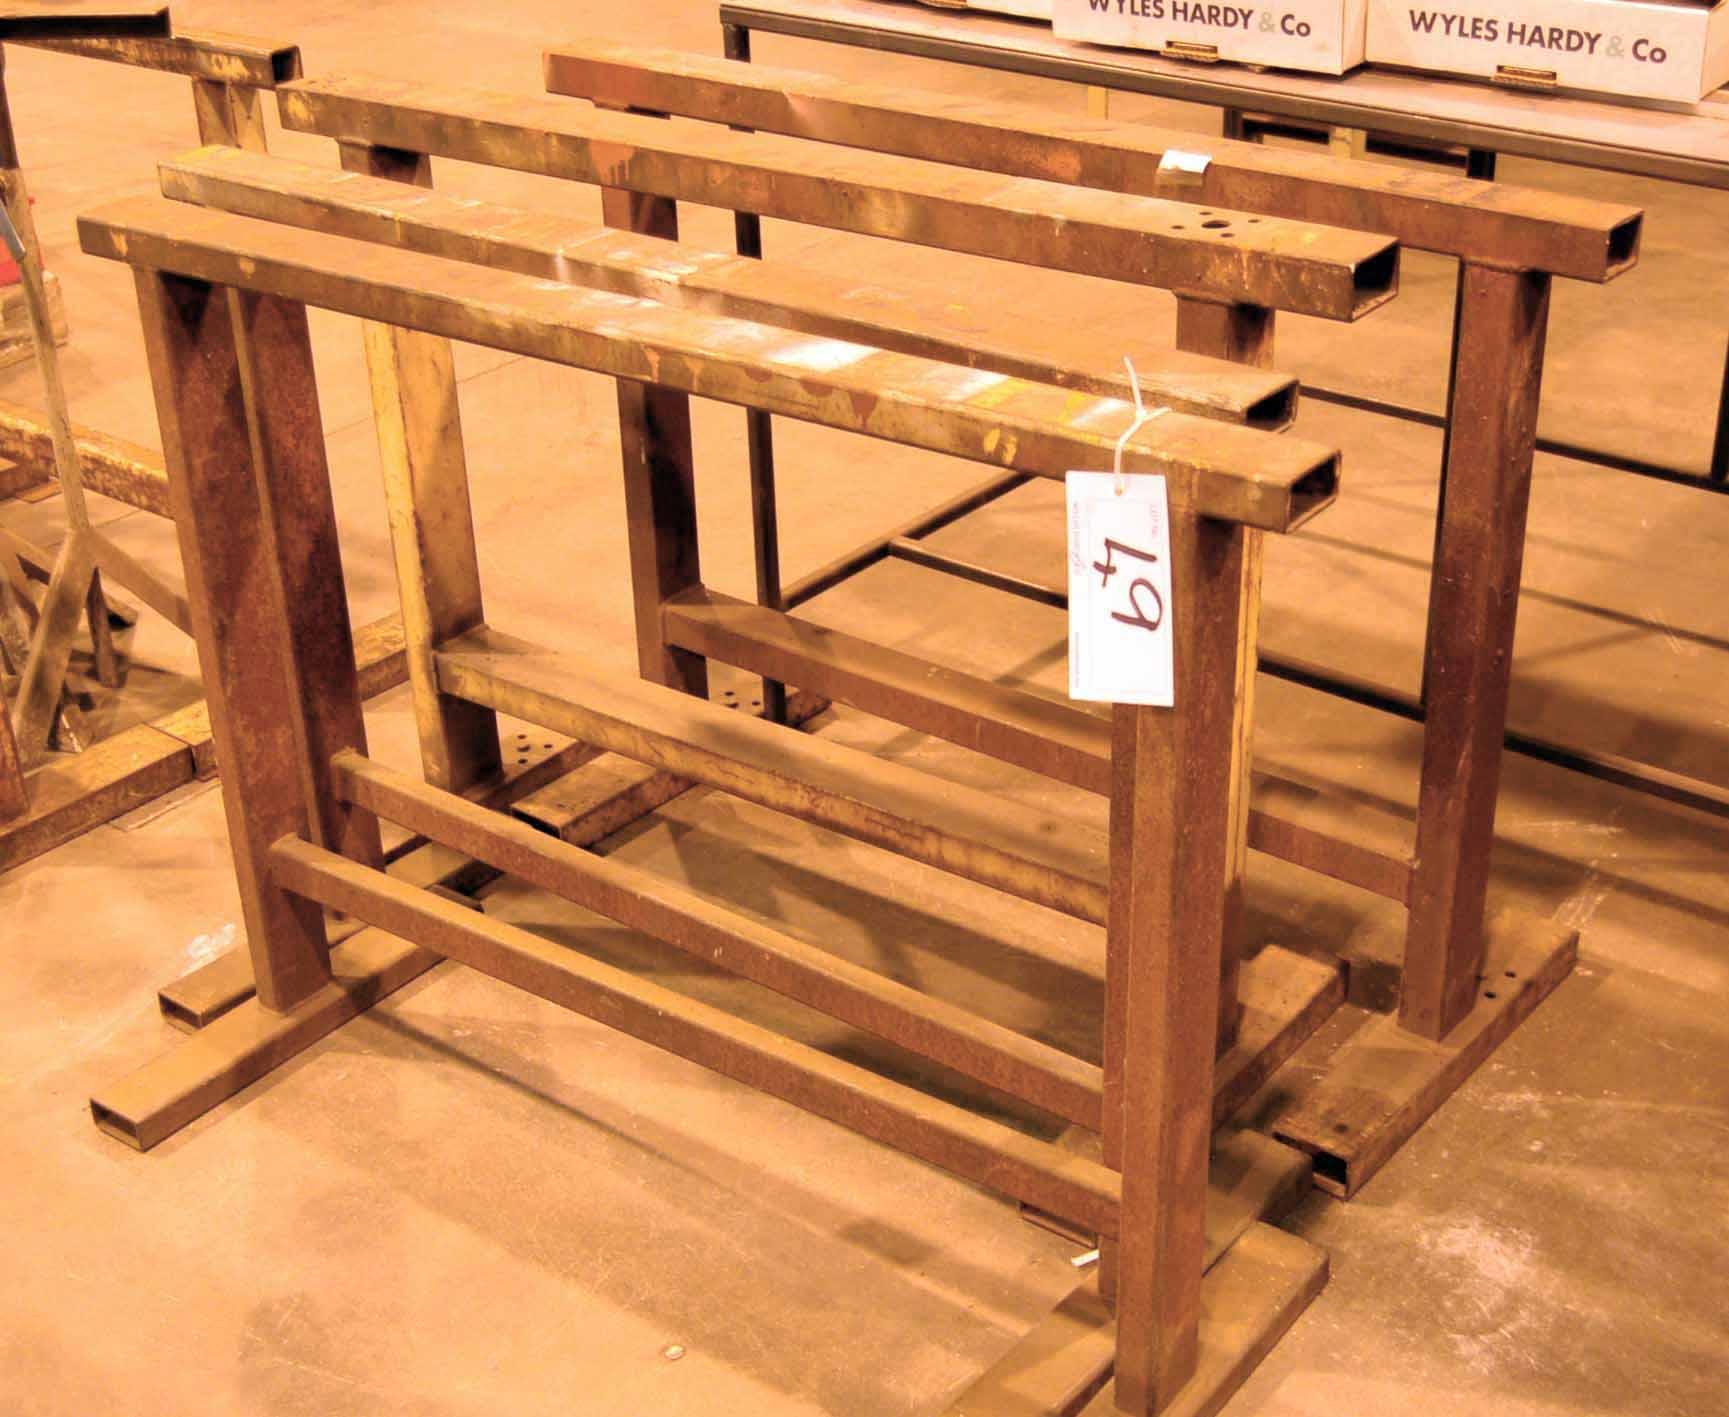 Lot 49 - Two Pairs of Heavy Duty Welded Steel Tressels